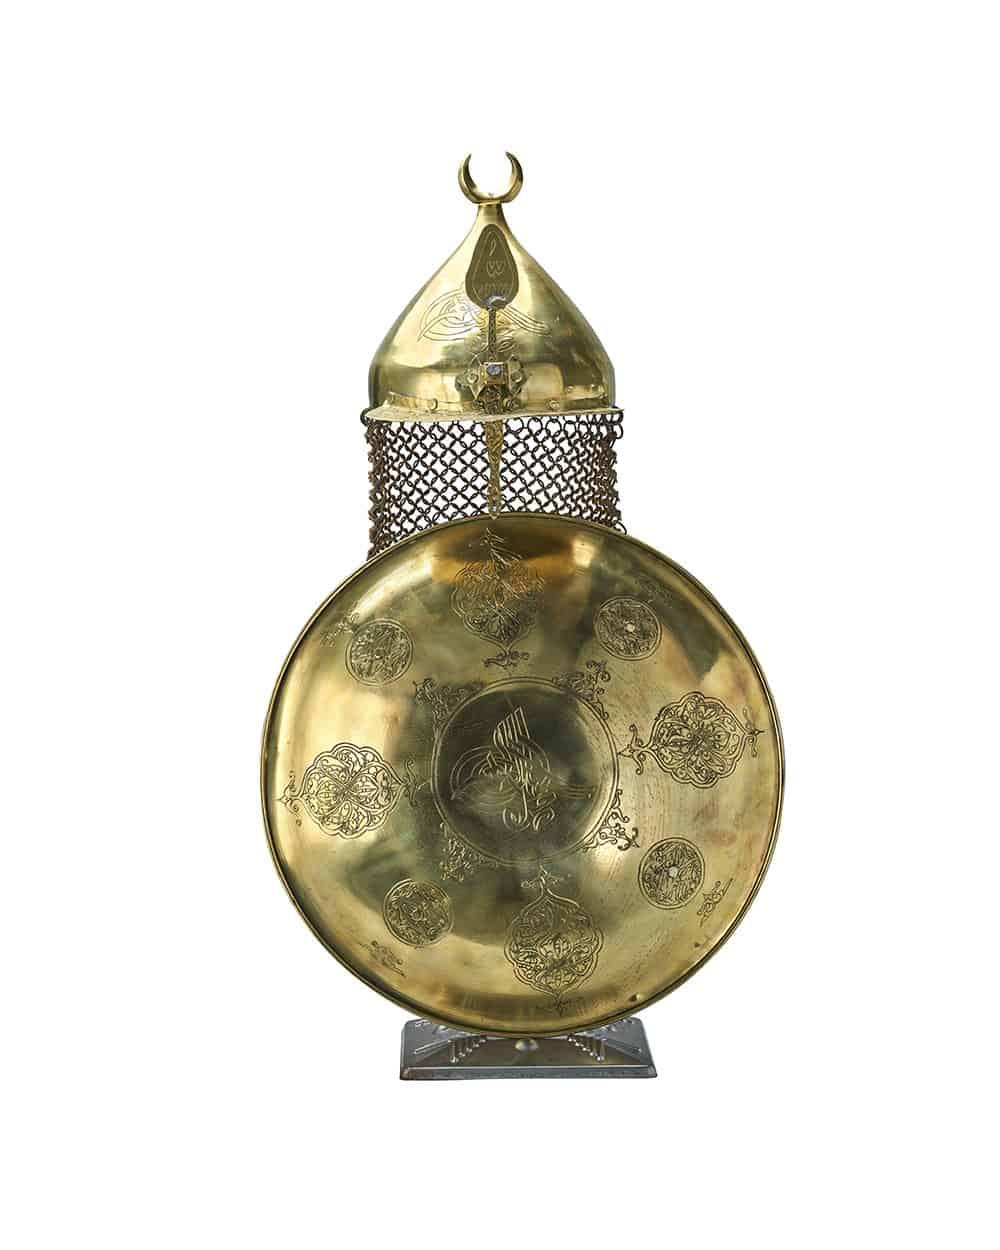 ottoman replica helmet and shield